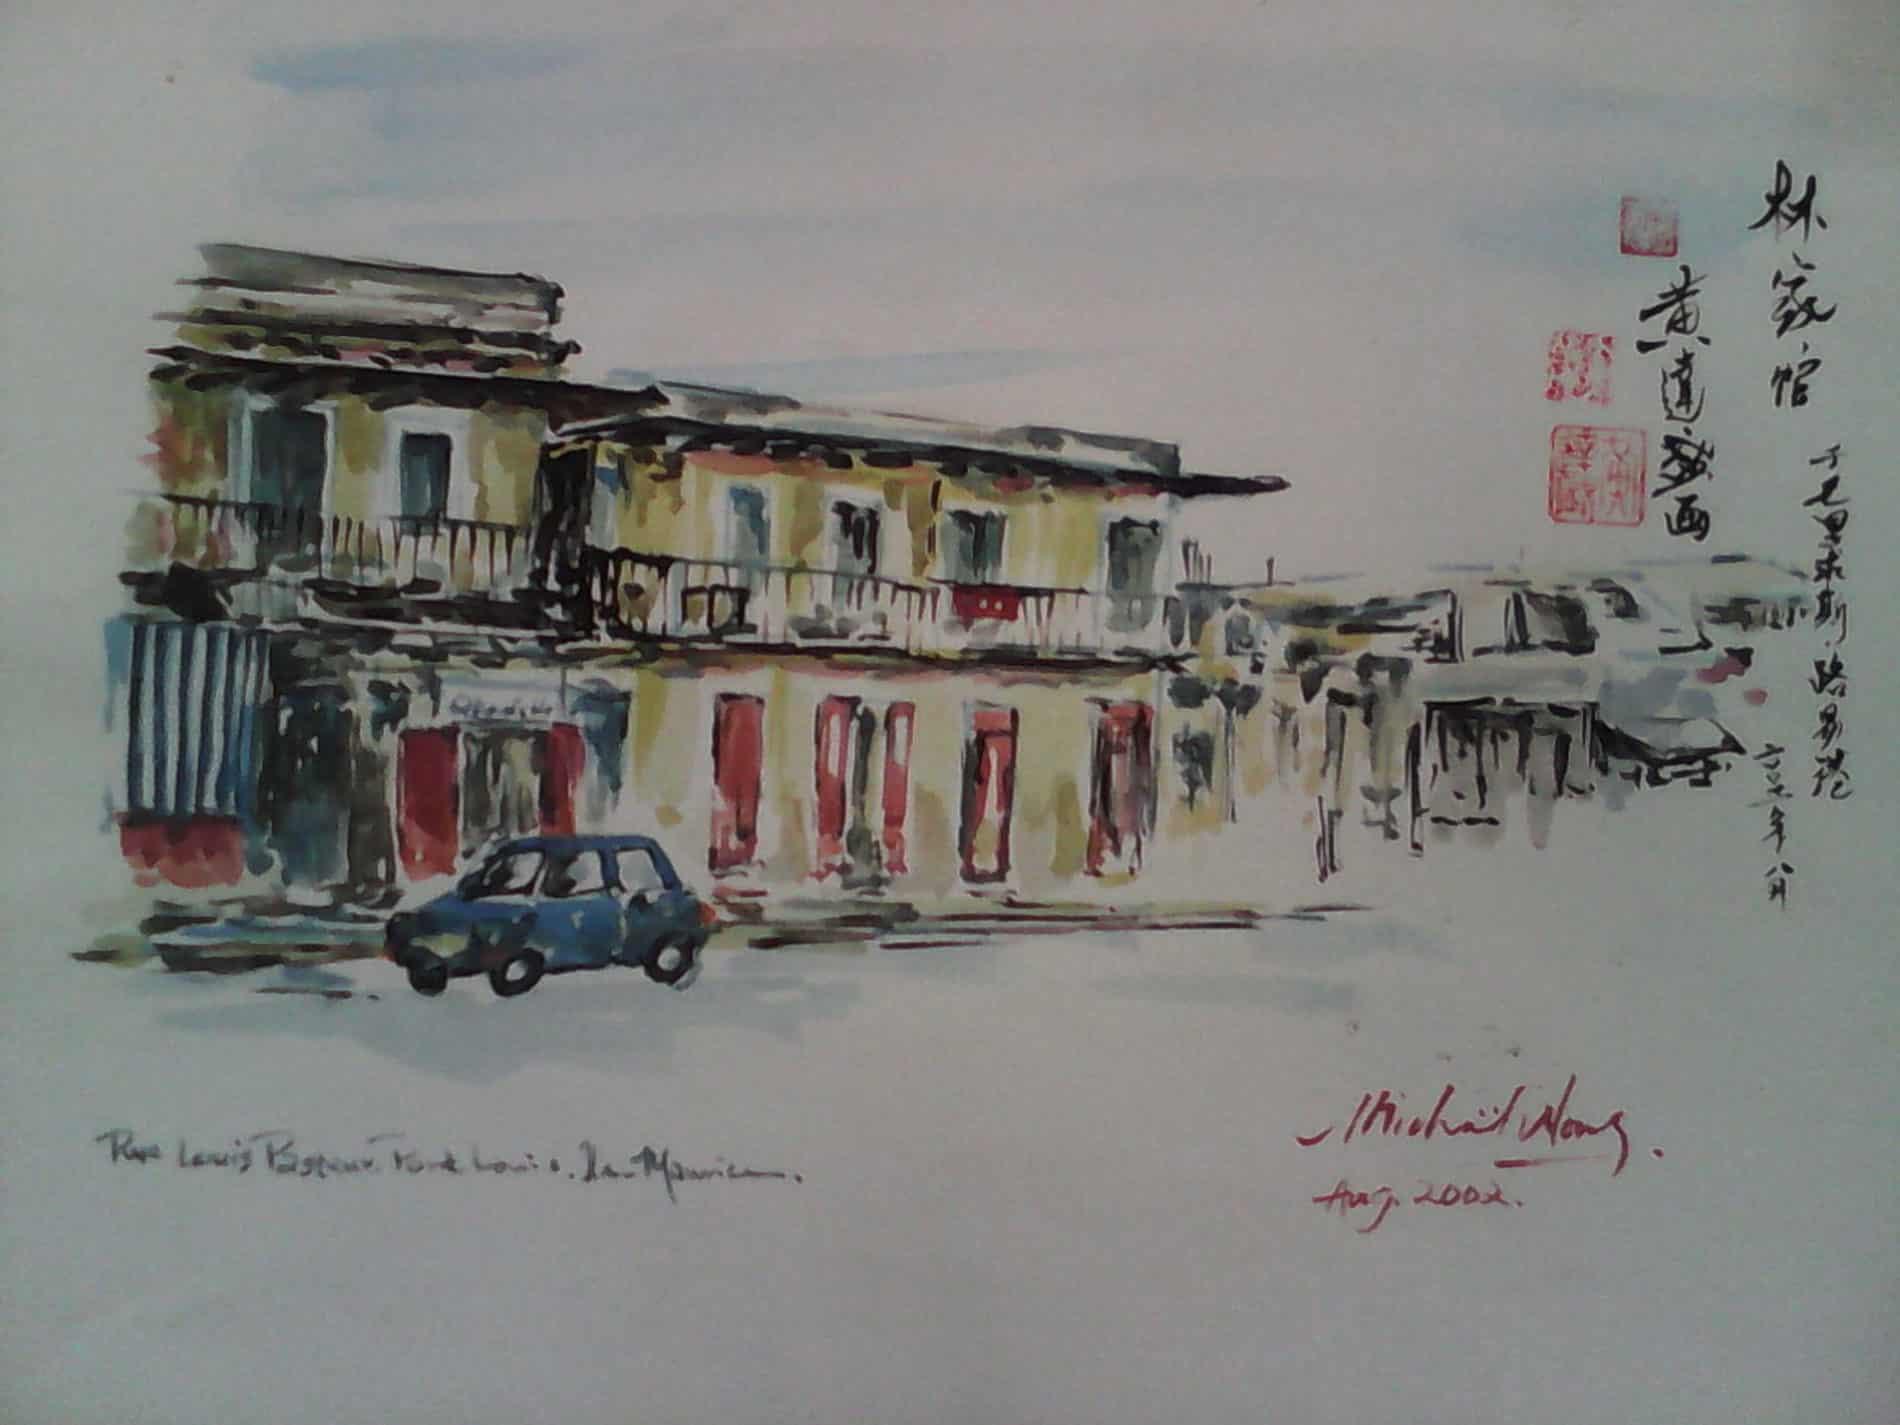 mauritius-arts-mikael-huang-2